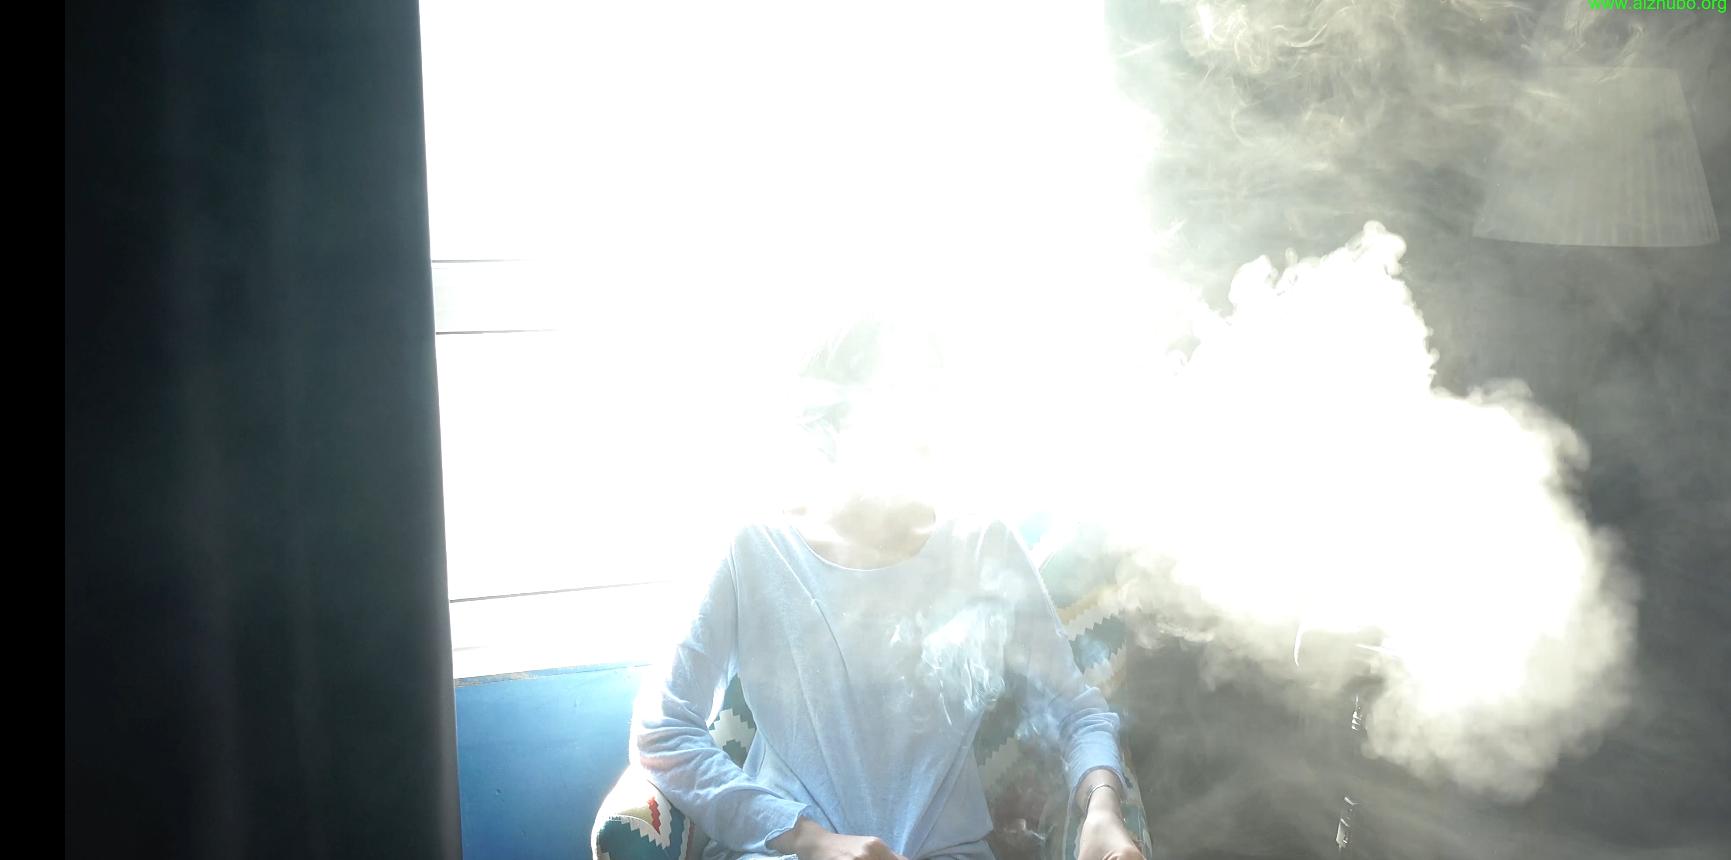 吸烟妹子不一会儿把房间搞得烟雾缭绕